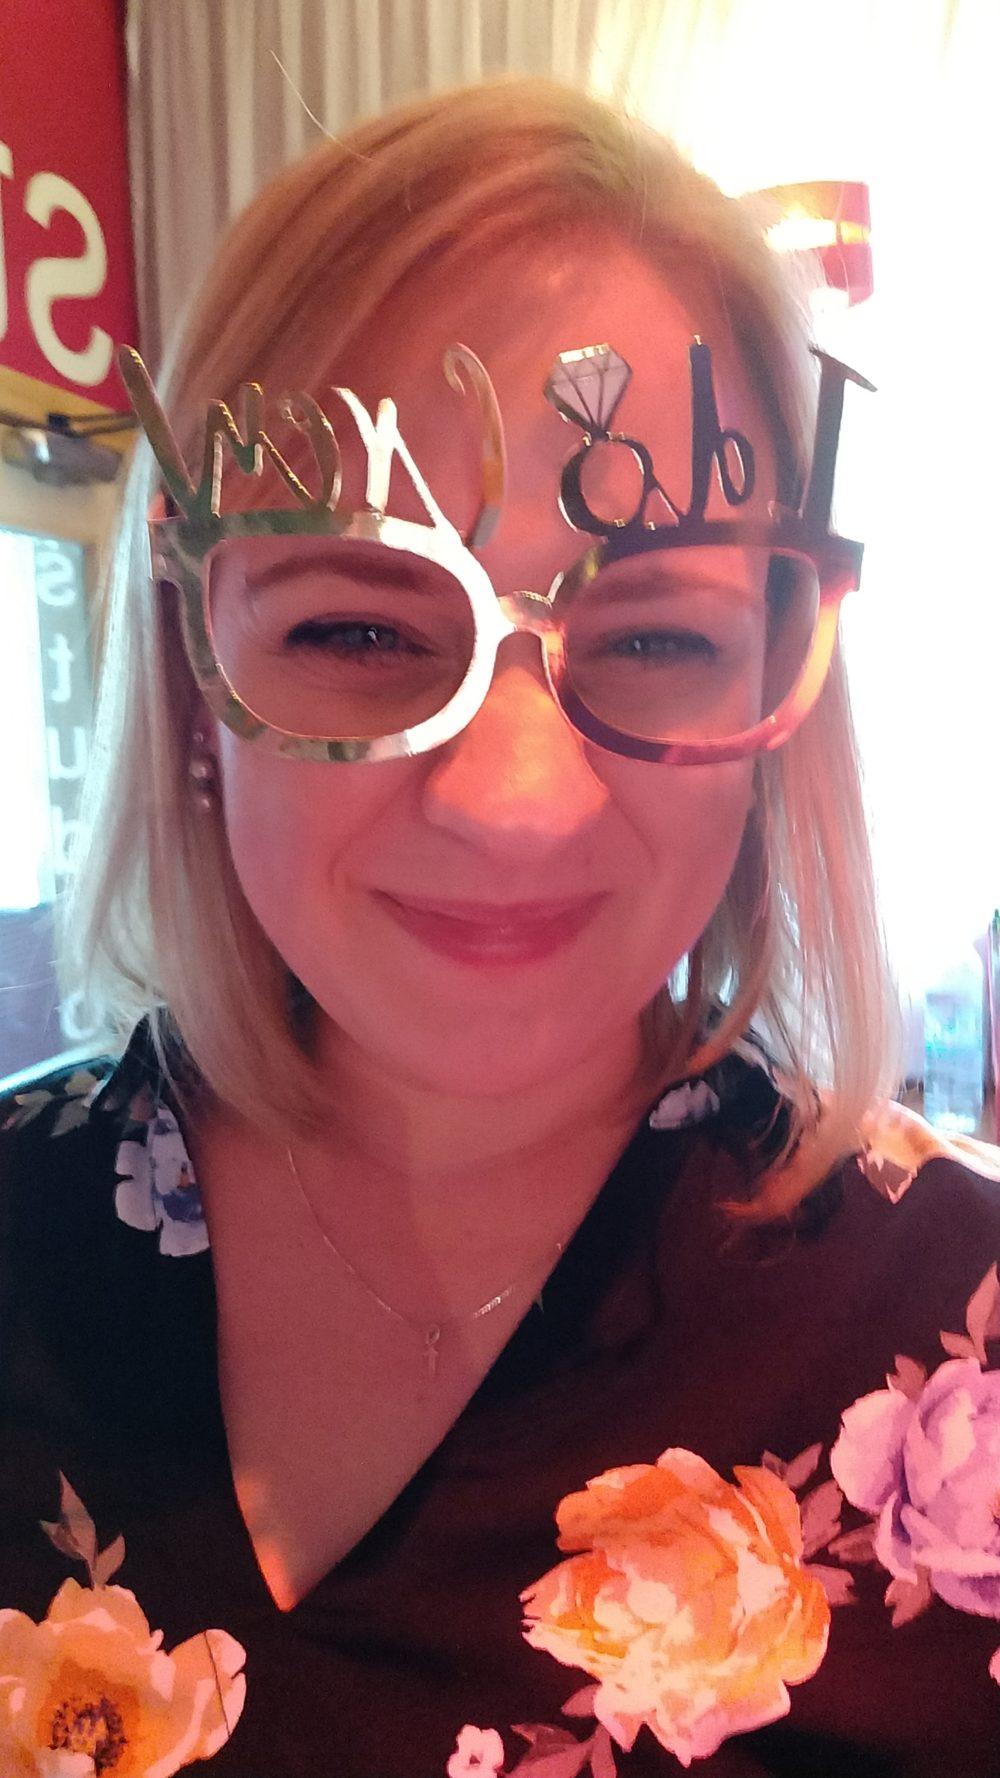 On the hen do, wearing I do Crew glasses